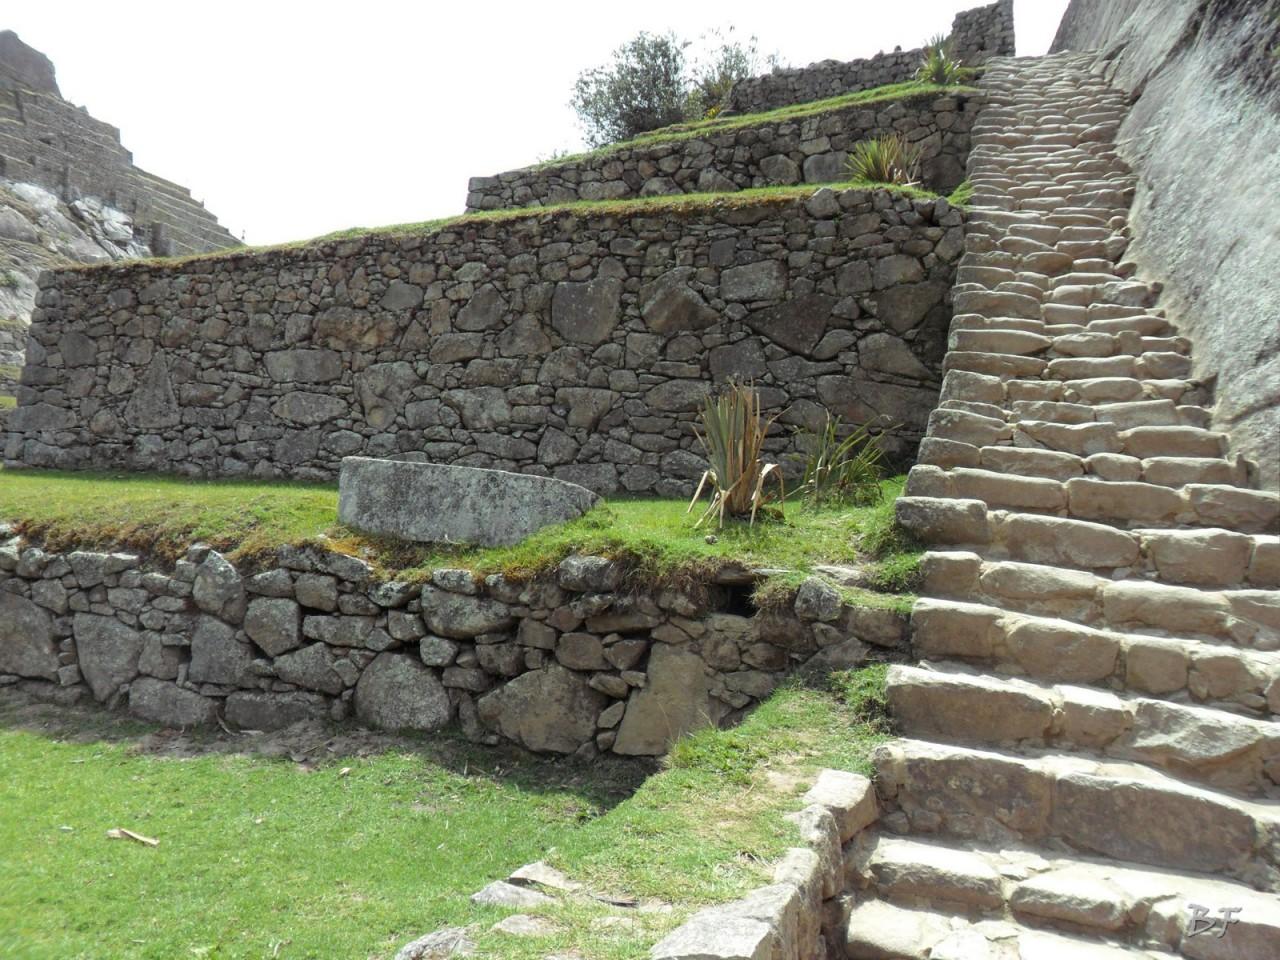 Mura-Poligonali-Incisioni-Altari-Edifici-Rupestri-Megaliti-Machu-Picchu-Aguas-Calientes-Urubamba-Cusco-Perù-144